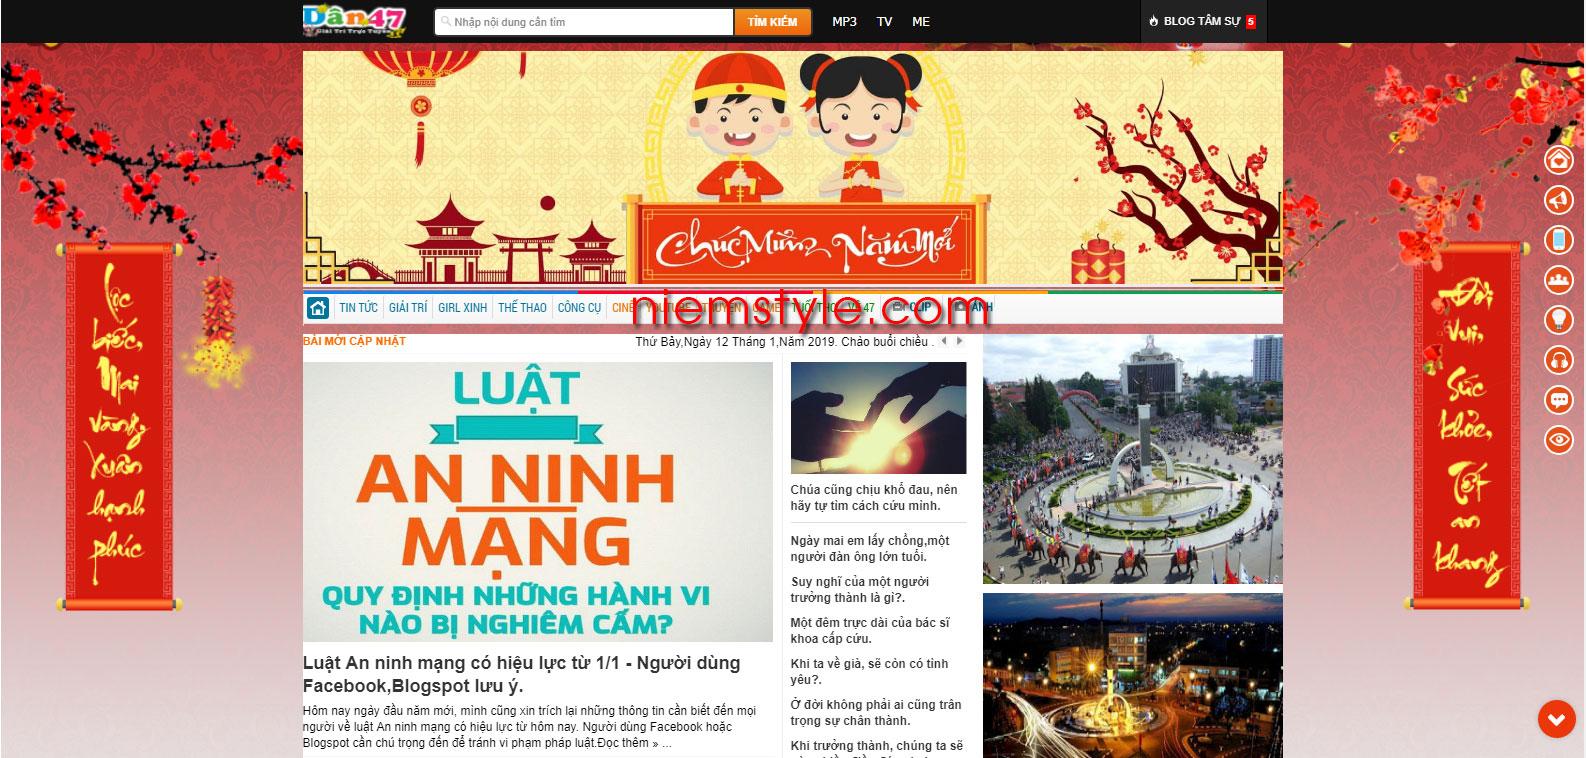 Niemstyle | Code trang trí background ngày tết đơn giản cho blogspot